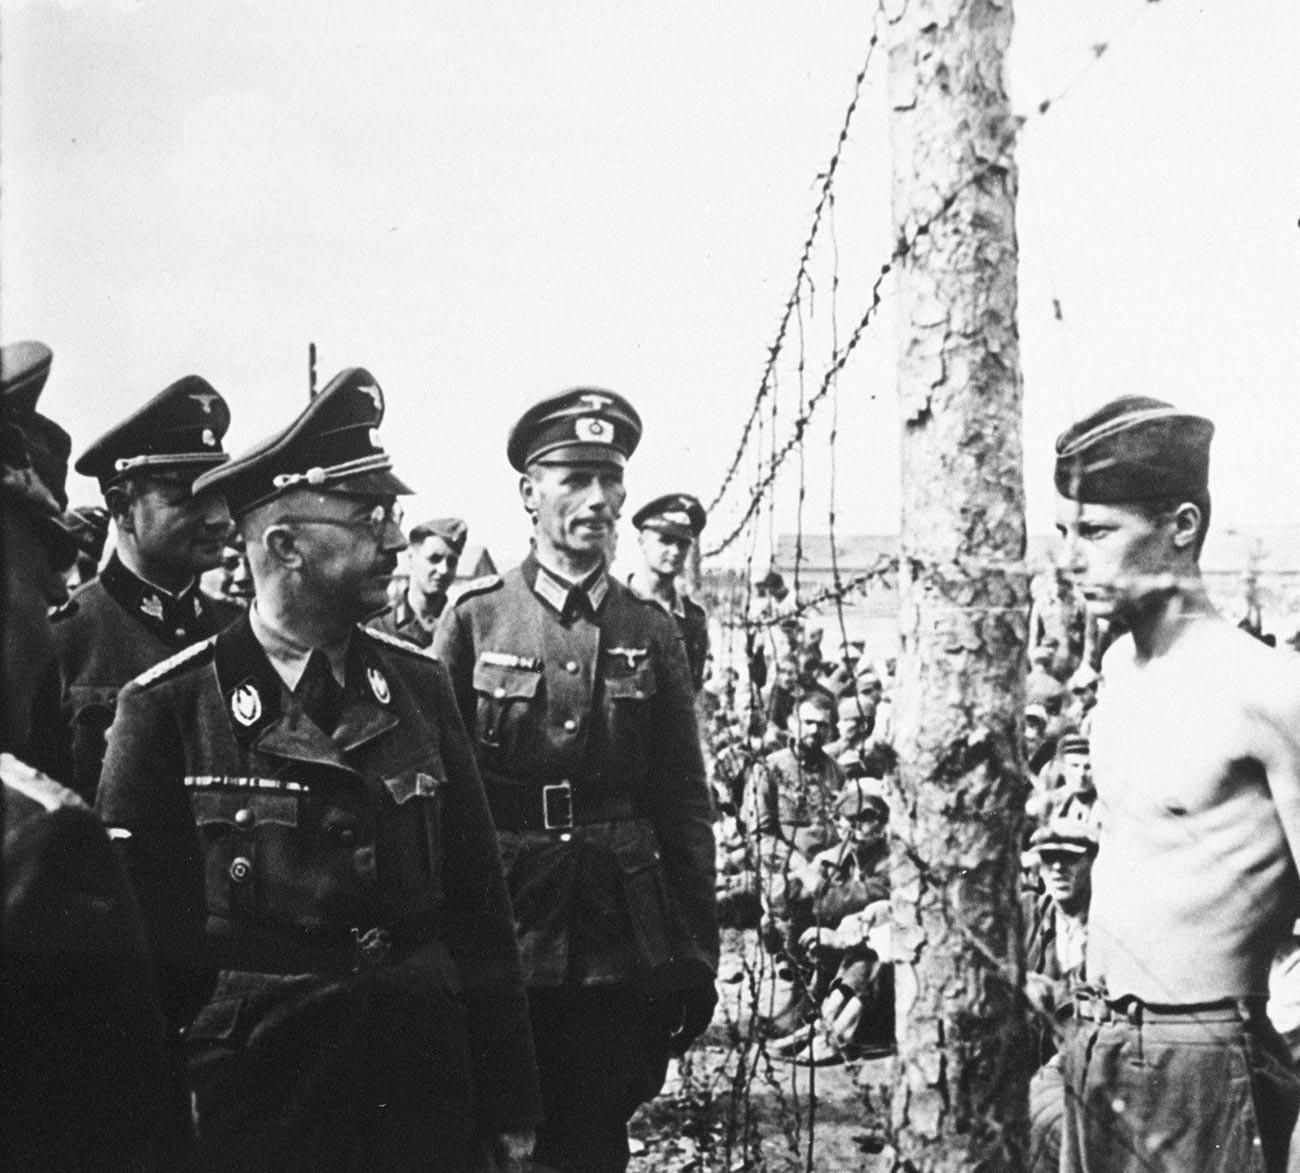 ゲシュタポと武装親衛隊のトップである親衛隊全国指導者ハインリヒ・ヒムラーがソ連領内の捕虜収容所を視察。1941年8月。